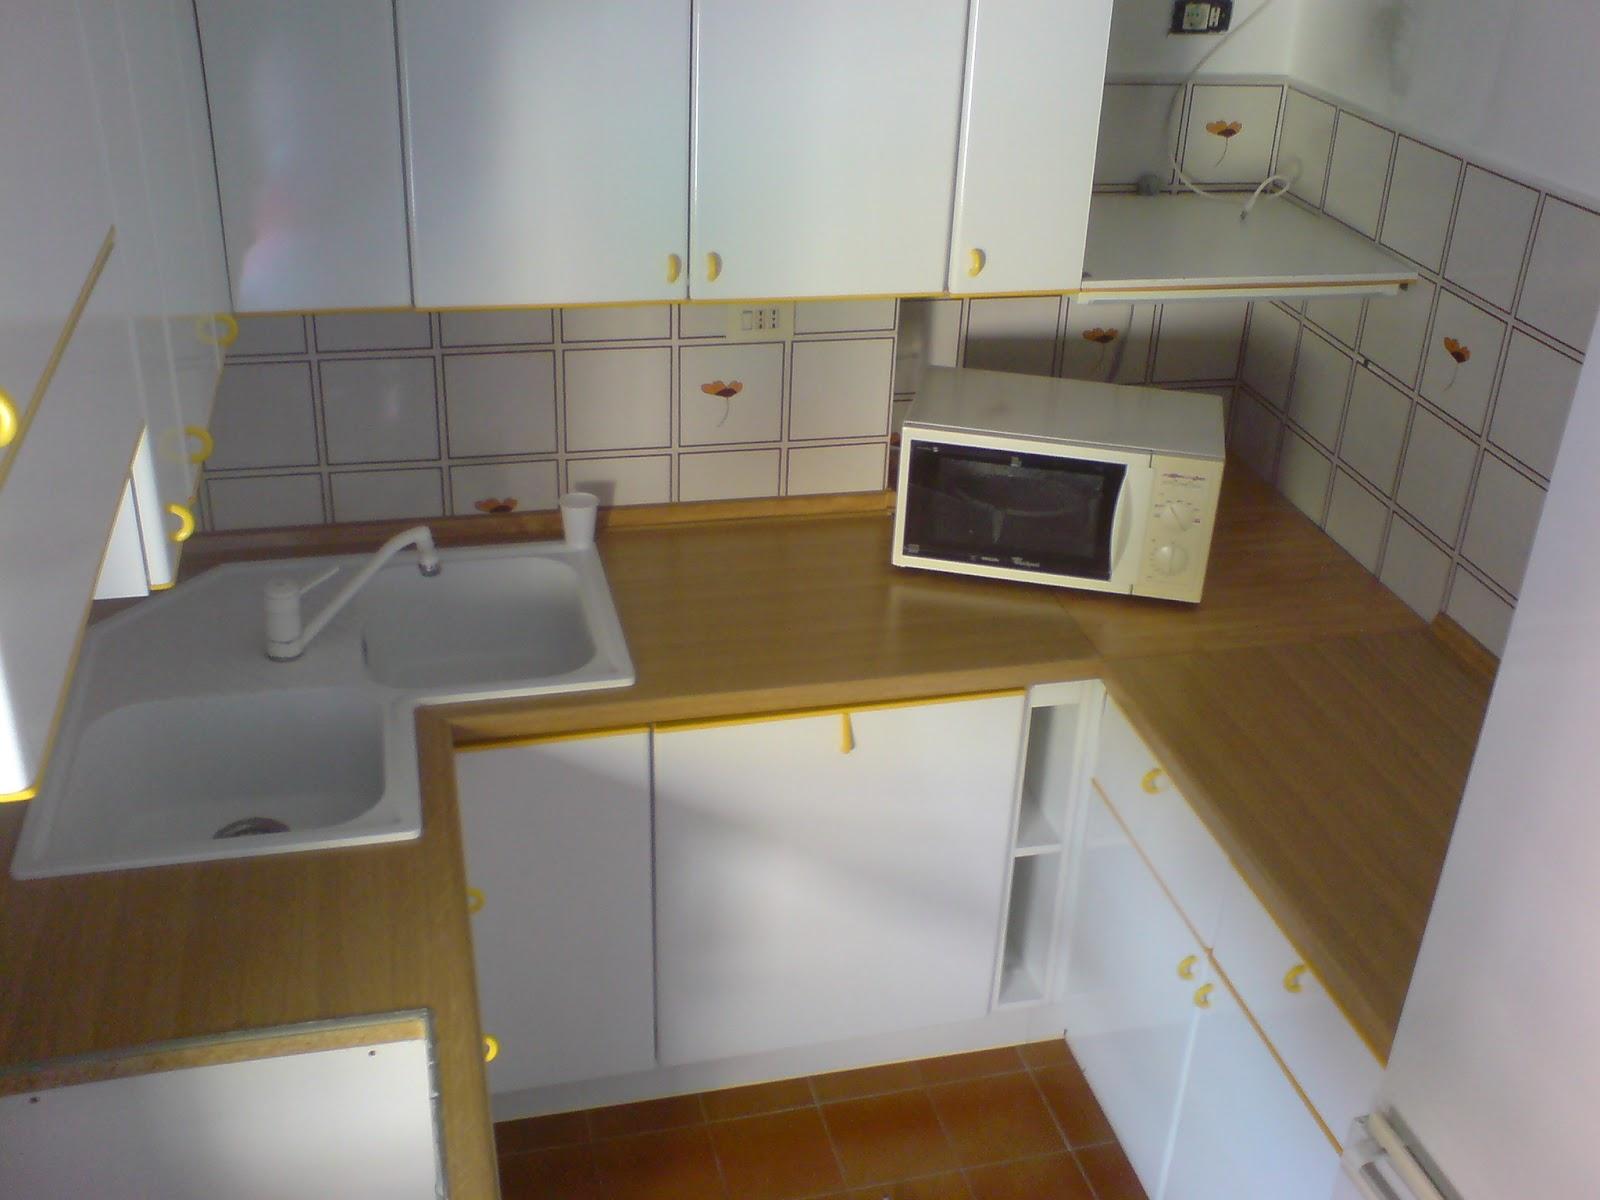 Cucina Con Lavello Angolare | Angolo Una Vecchia Cucina Con Lavello ...